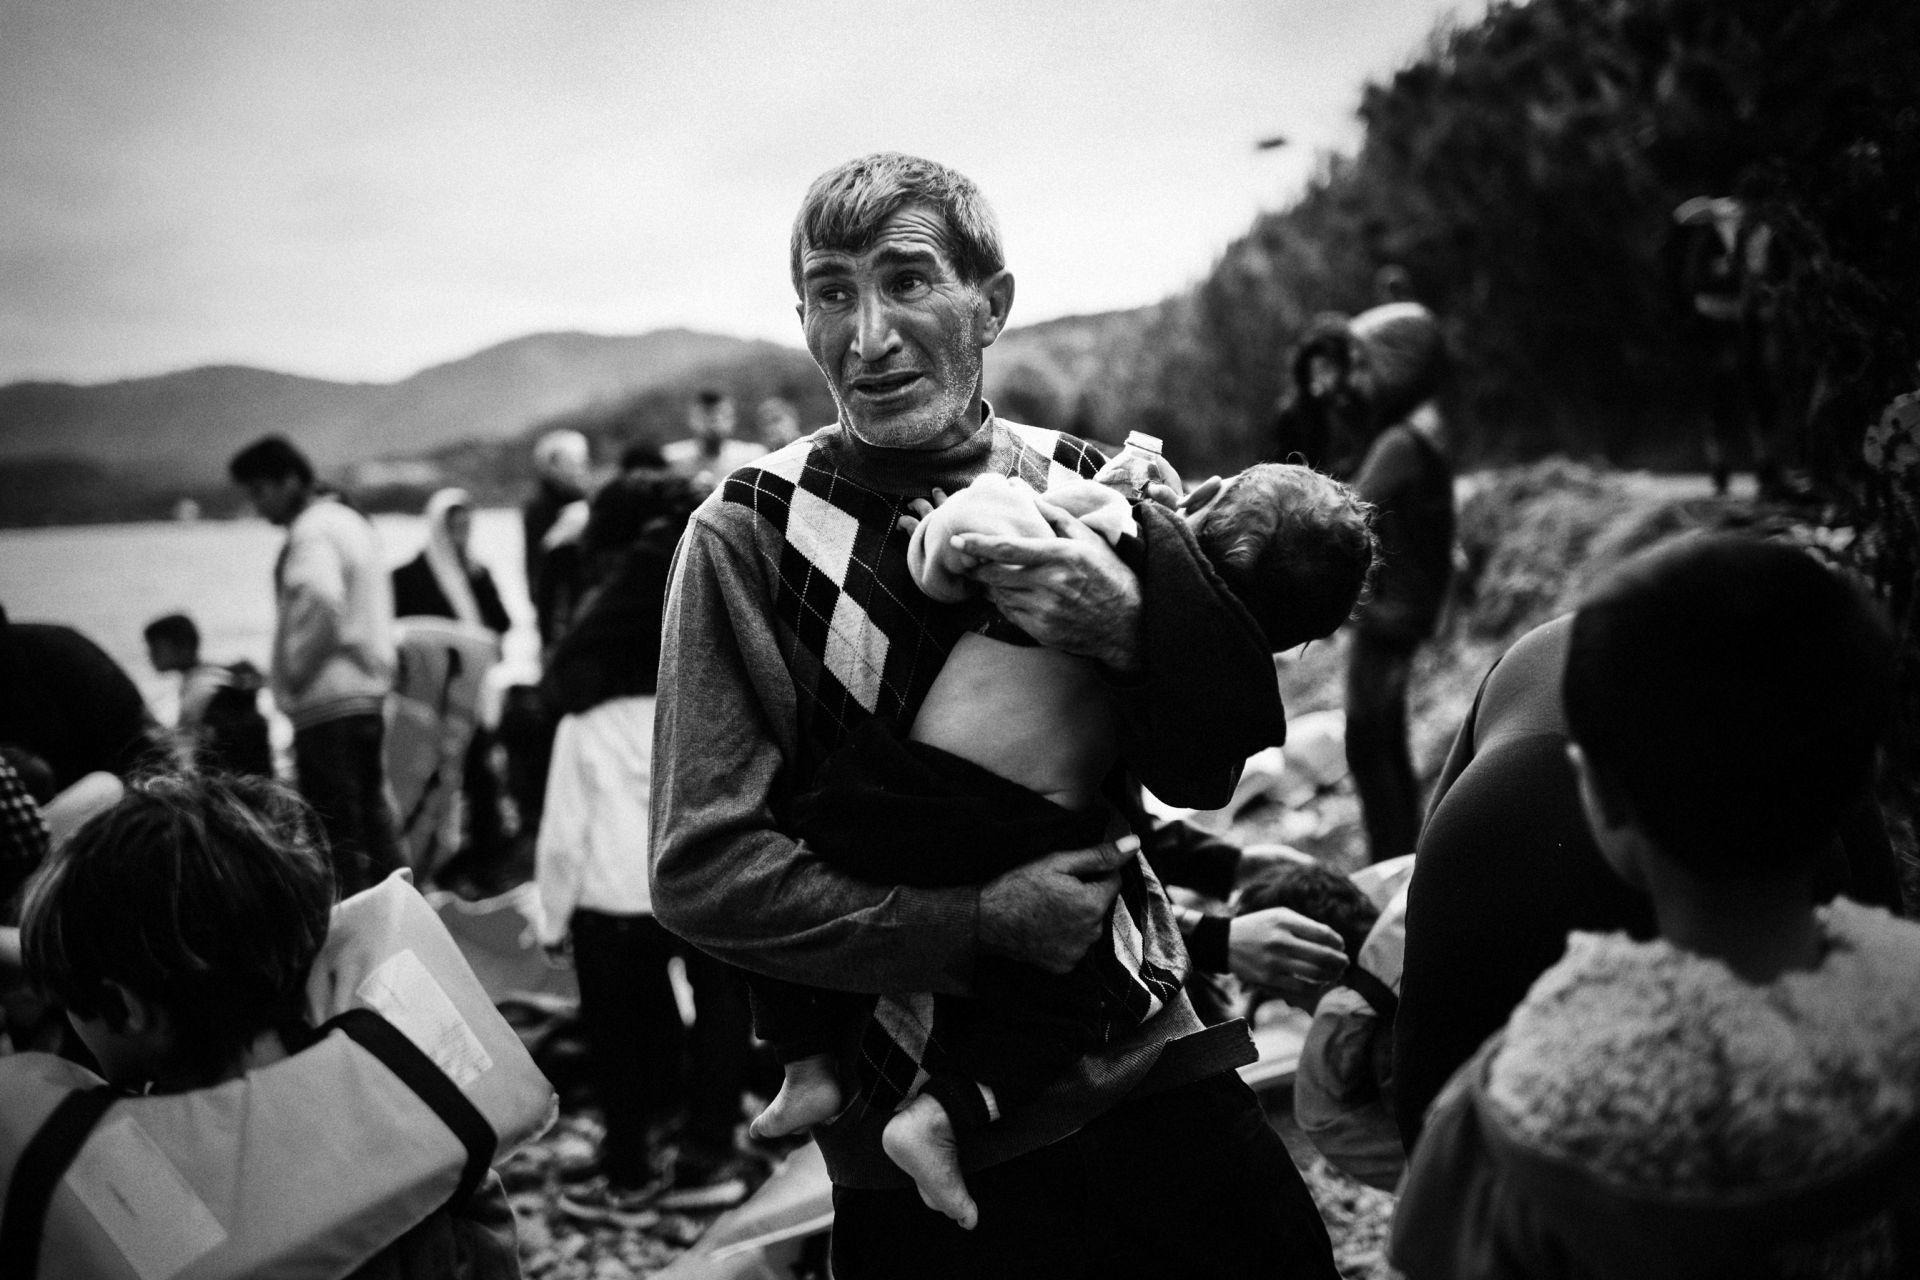 #Lesbos - 2